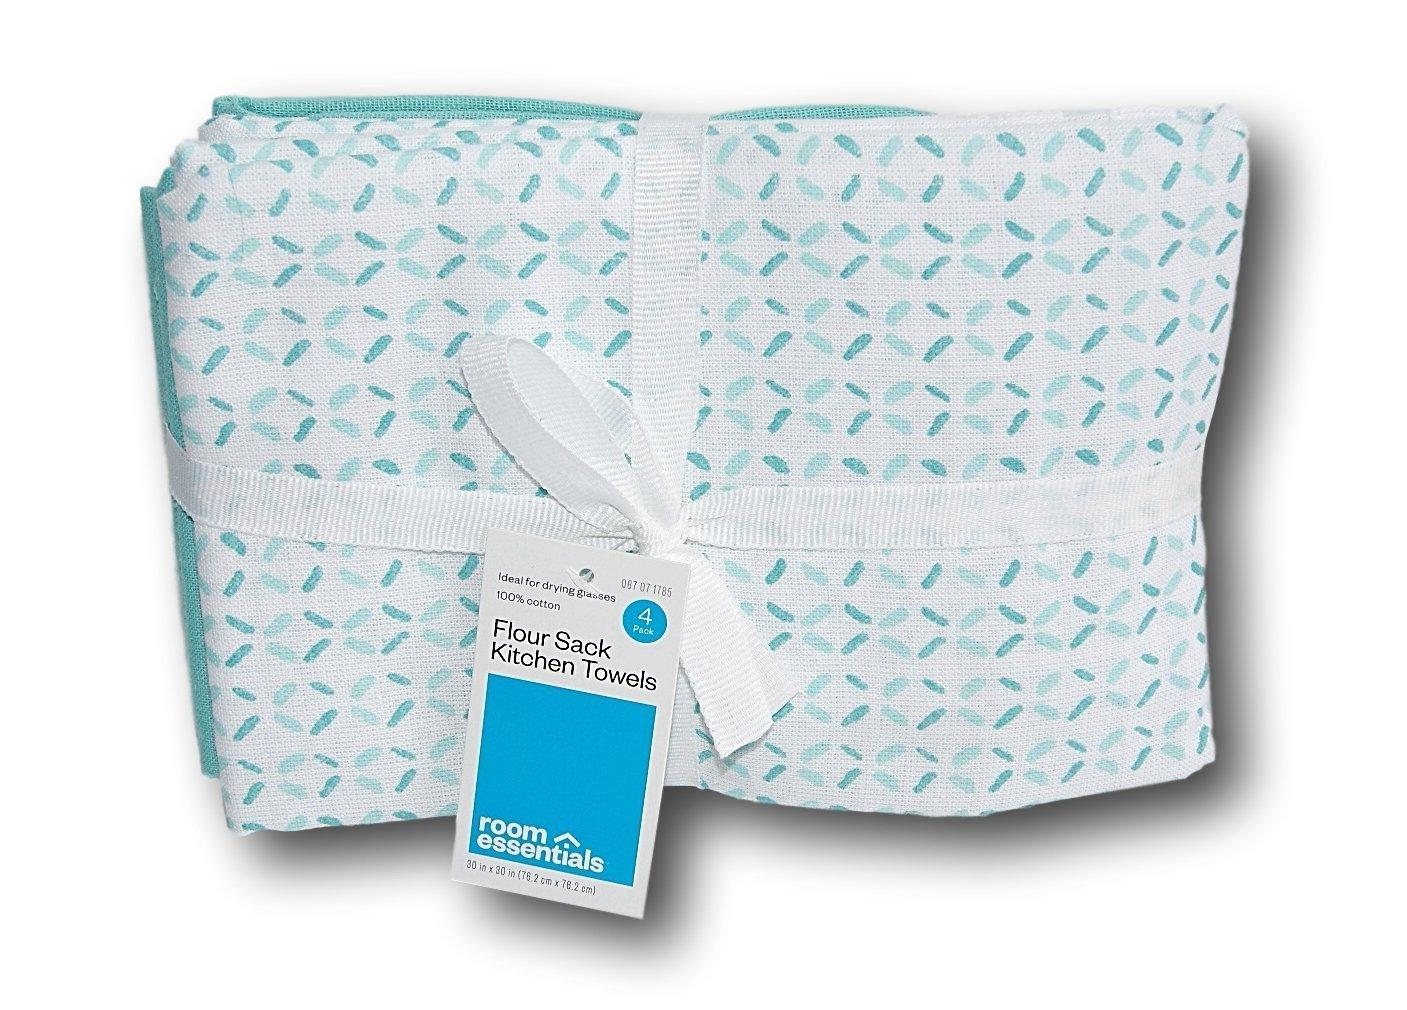 Amazon.com: Room Essentials Flour Sack Kitchen Towel - Aqua Blue ...